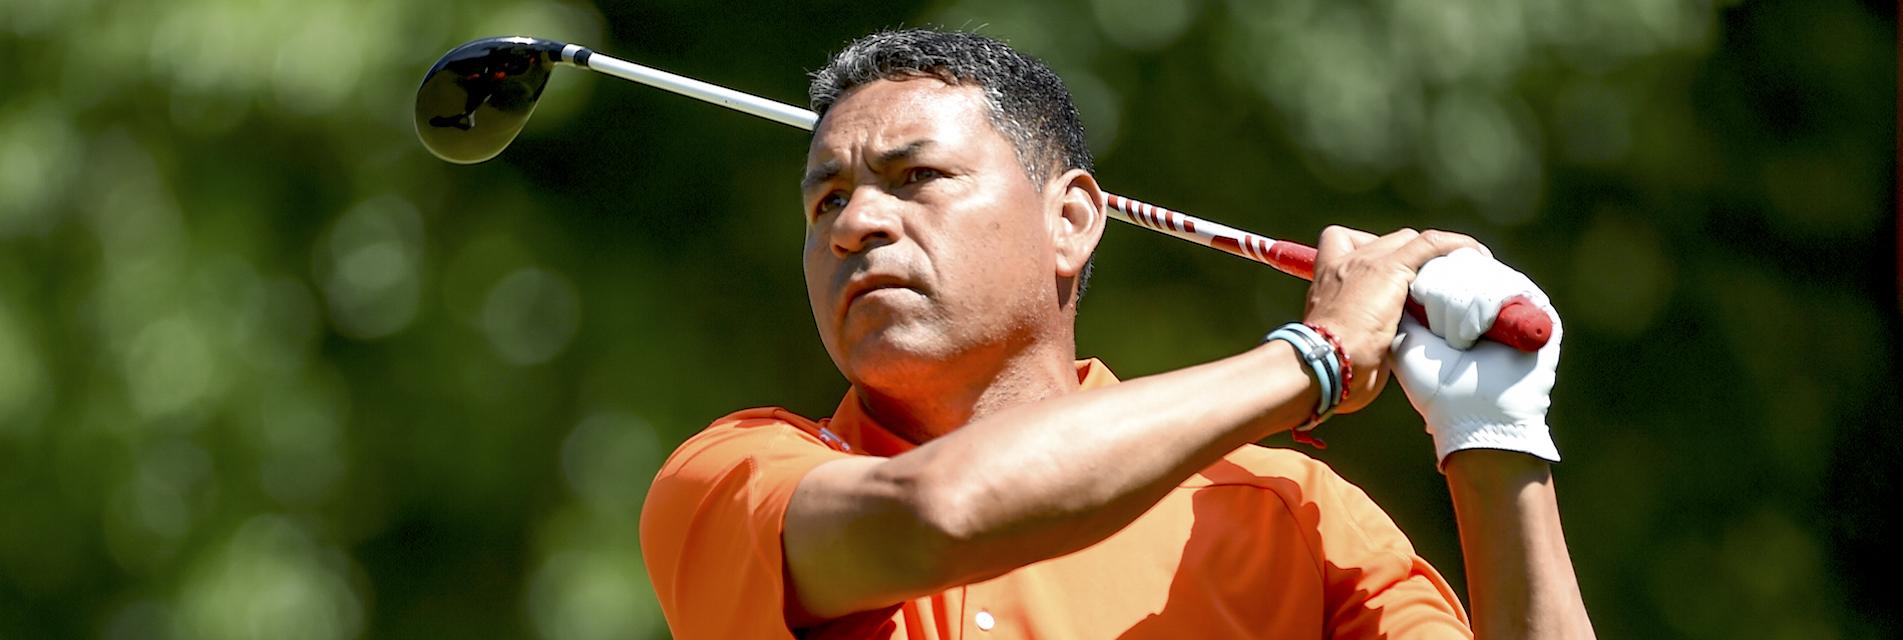 Rafael Gomez (Photo by Enrique Berardi/PGA TOUR)